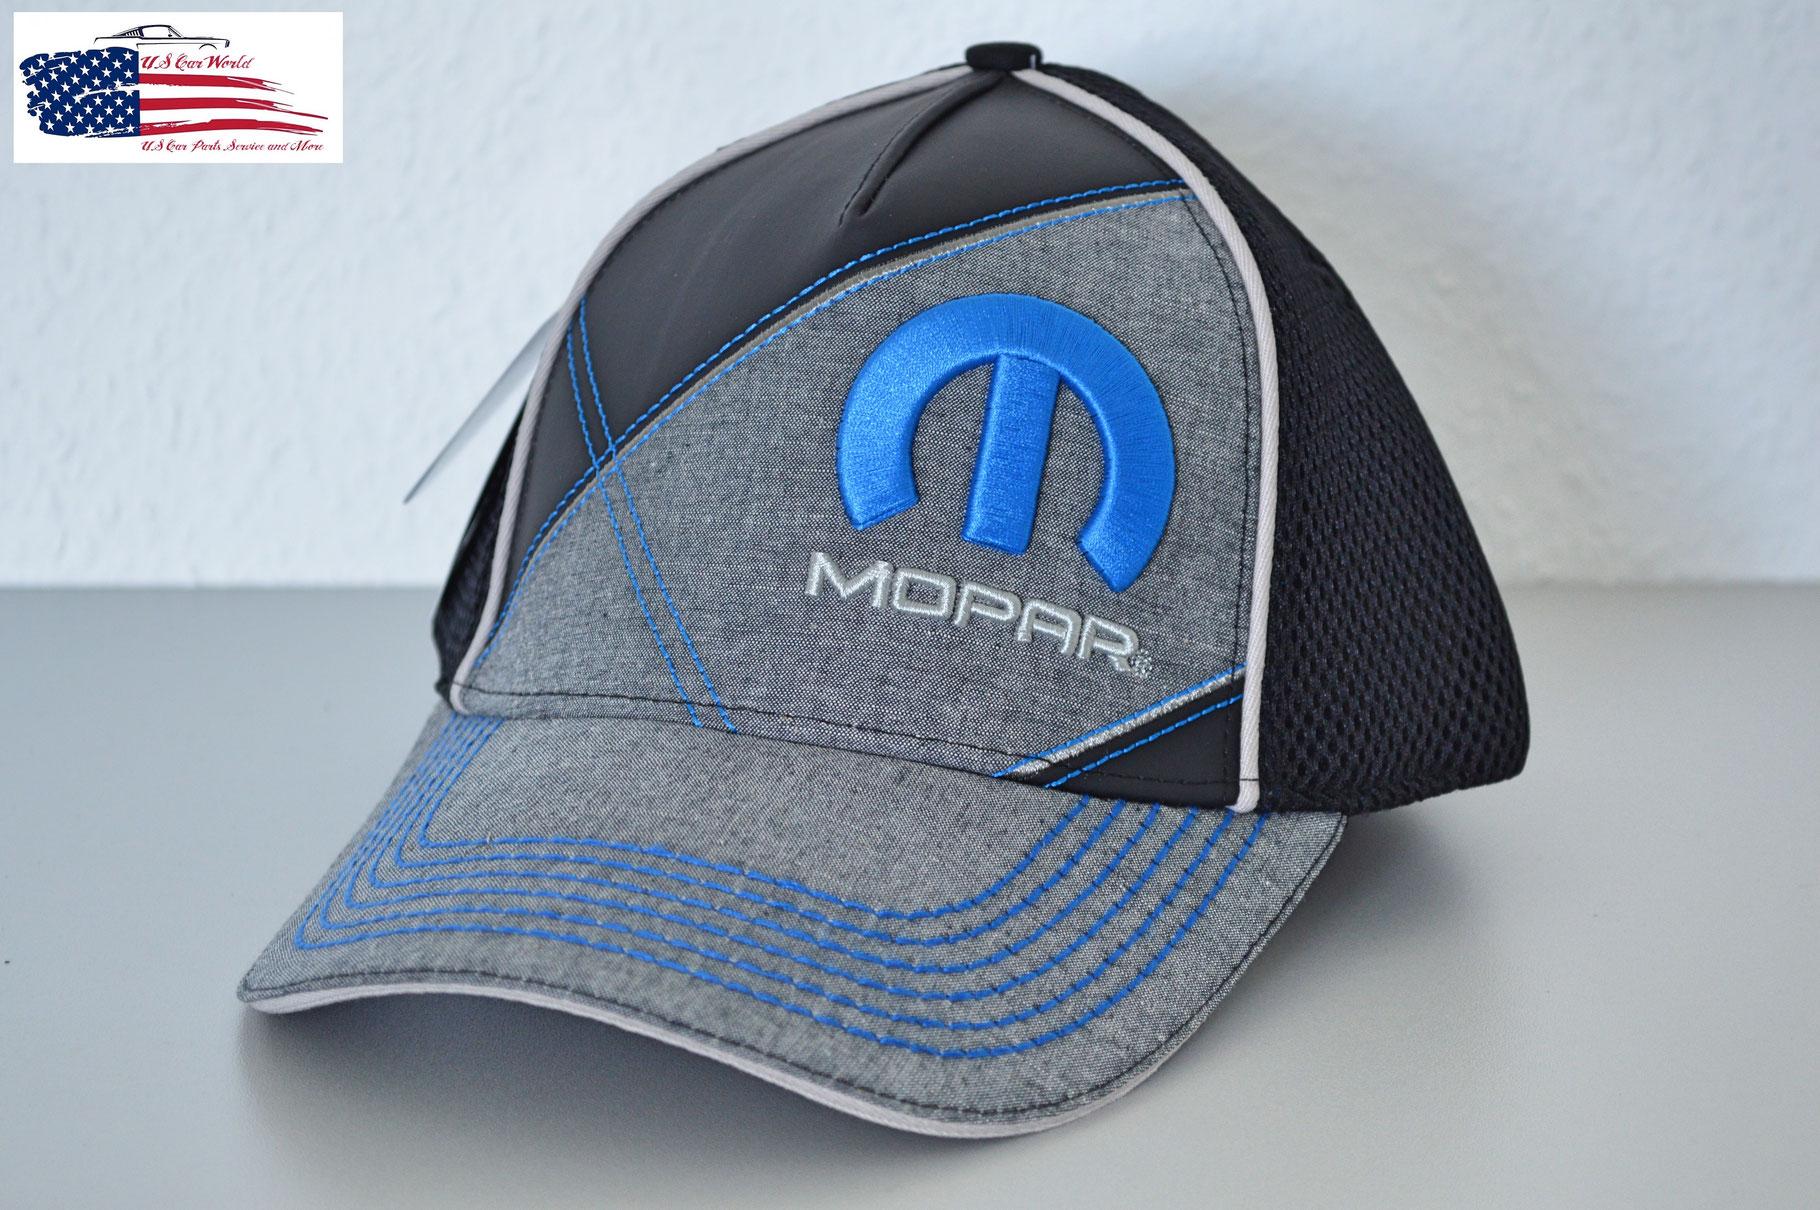 7208deb75e7d65 Mopar Basecaps - US Car World - US Car Parts & Lifestyle Accessoires